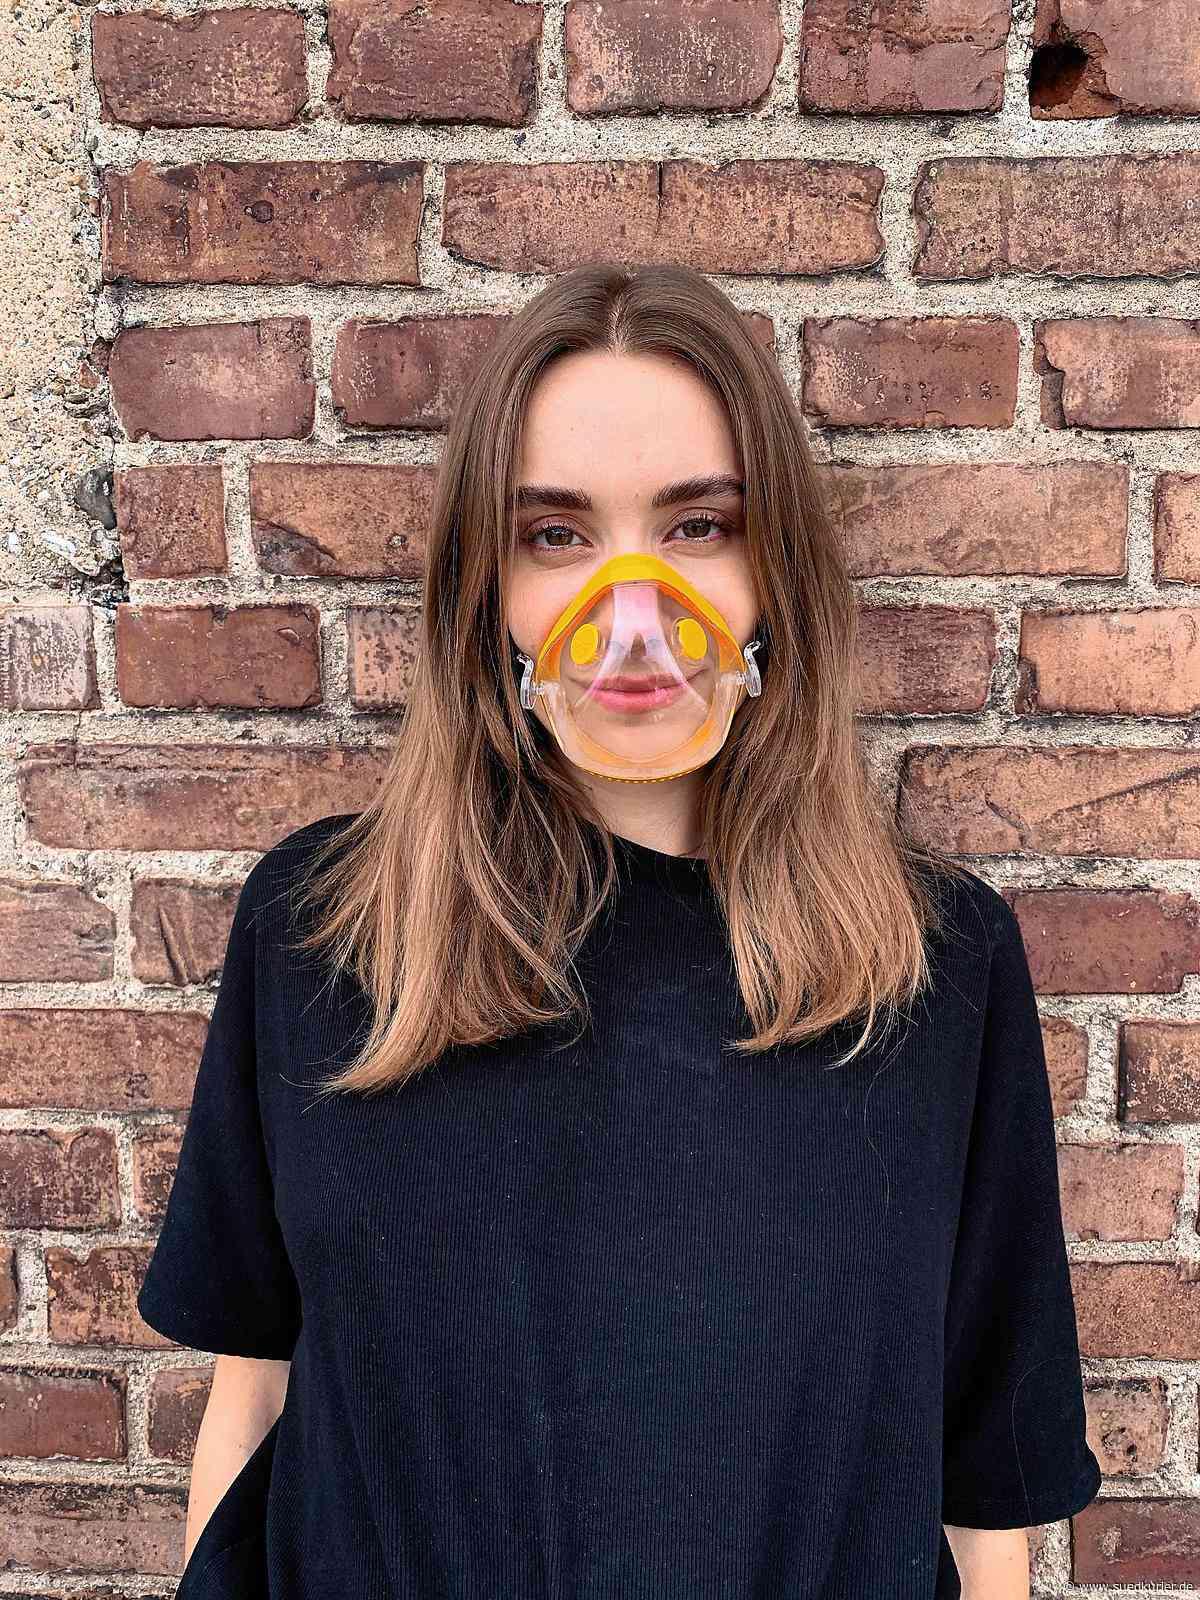 Friedrichshafen: Ehemalige ZU-Studentin entwickelt seit zwei Jahren eine Atemmaske: Wie kam sie vor Corona auf die Idee? - SÜDKURIER Online